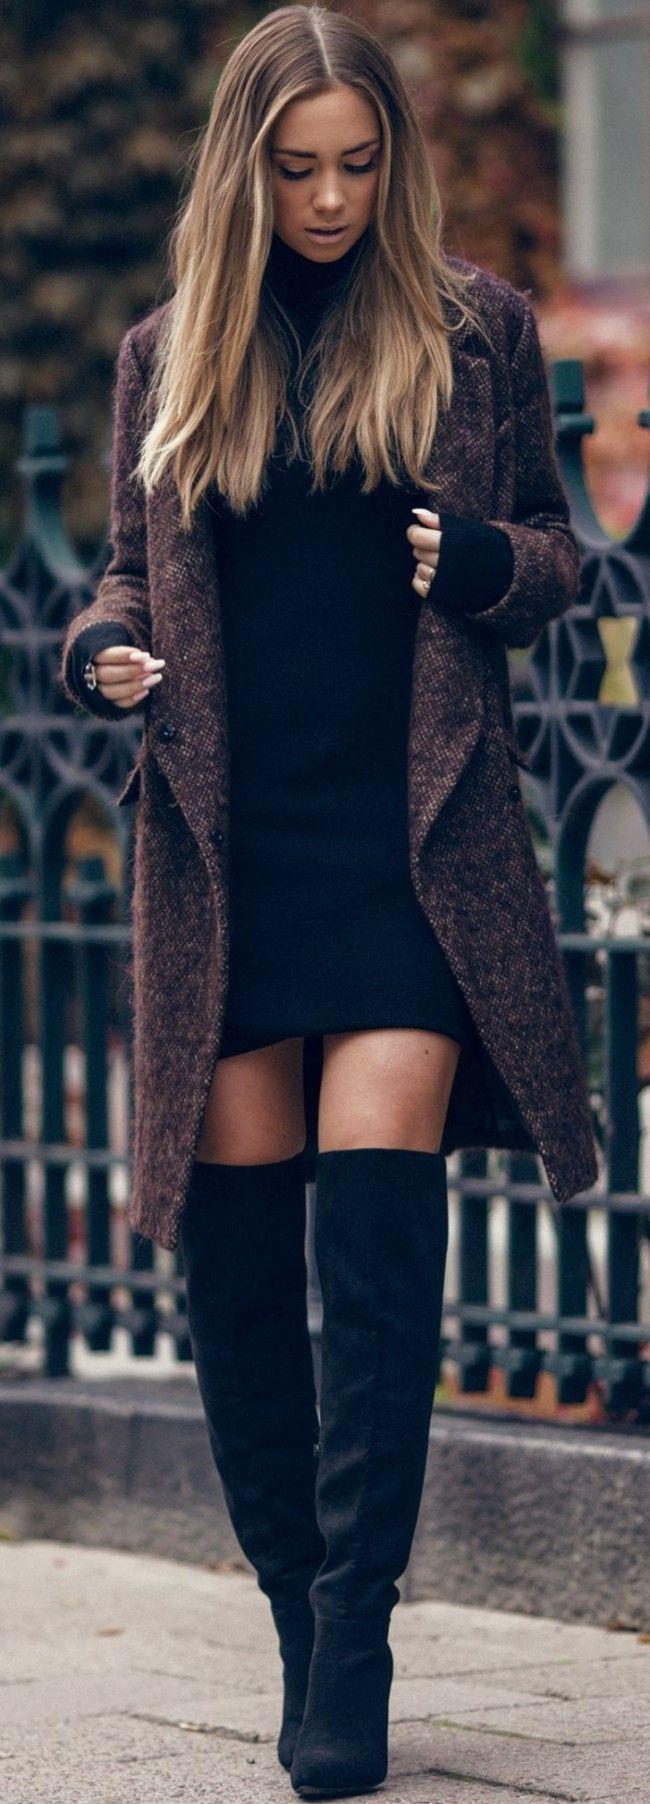 Lisa Olsson Black Thigh High Overknees Fall Street Style Inspo #lisa                                                                                                                                                                                 More